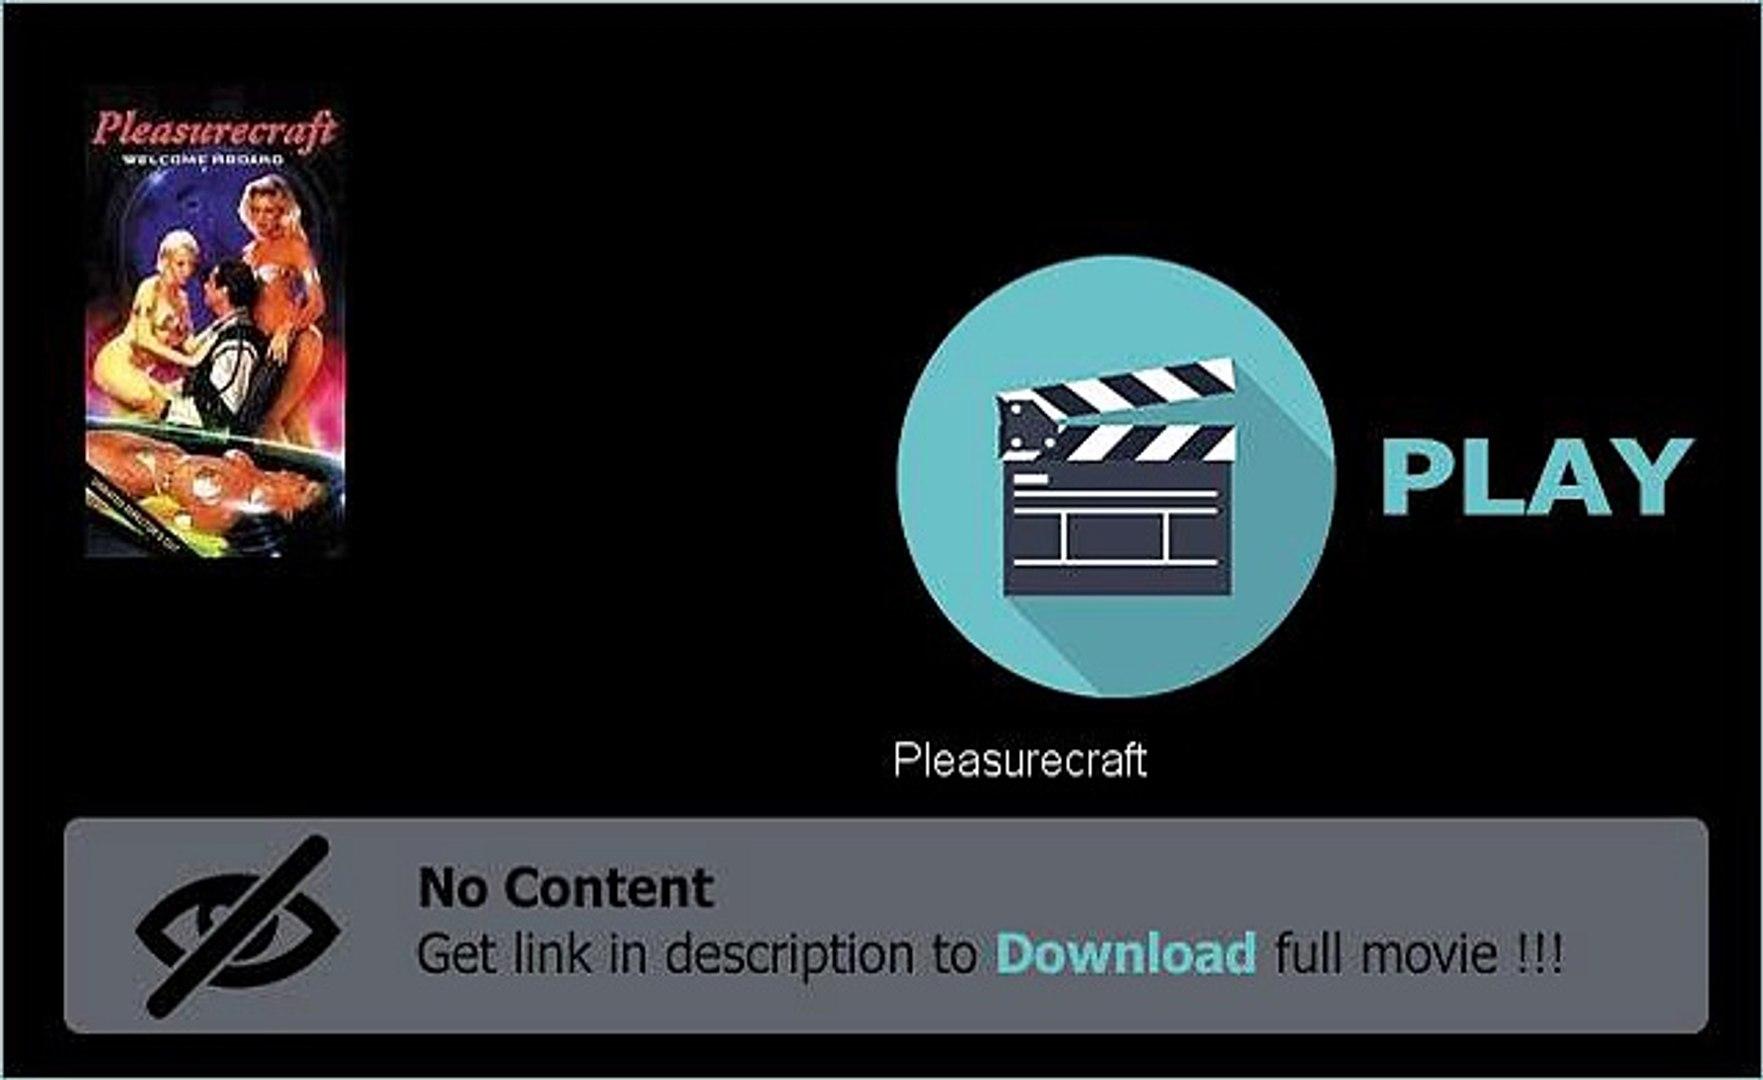 Pleasurecraft Movie Download Movie